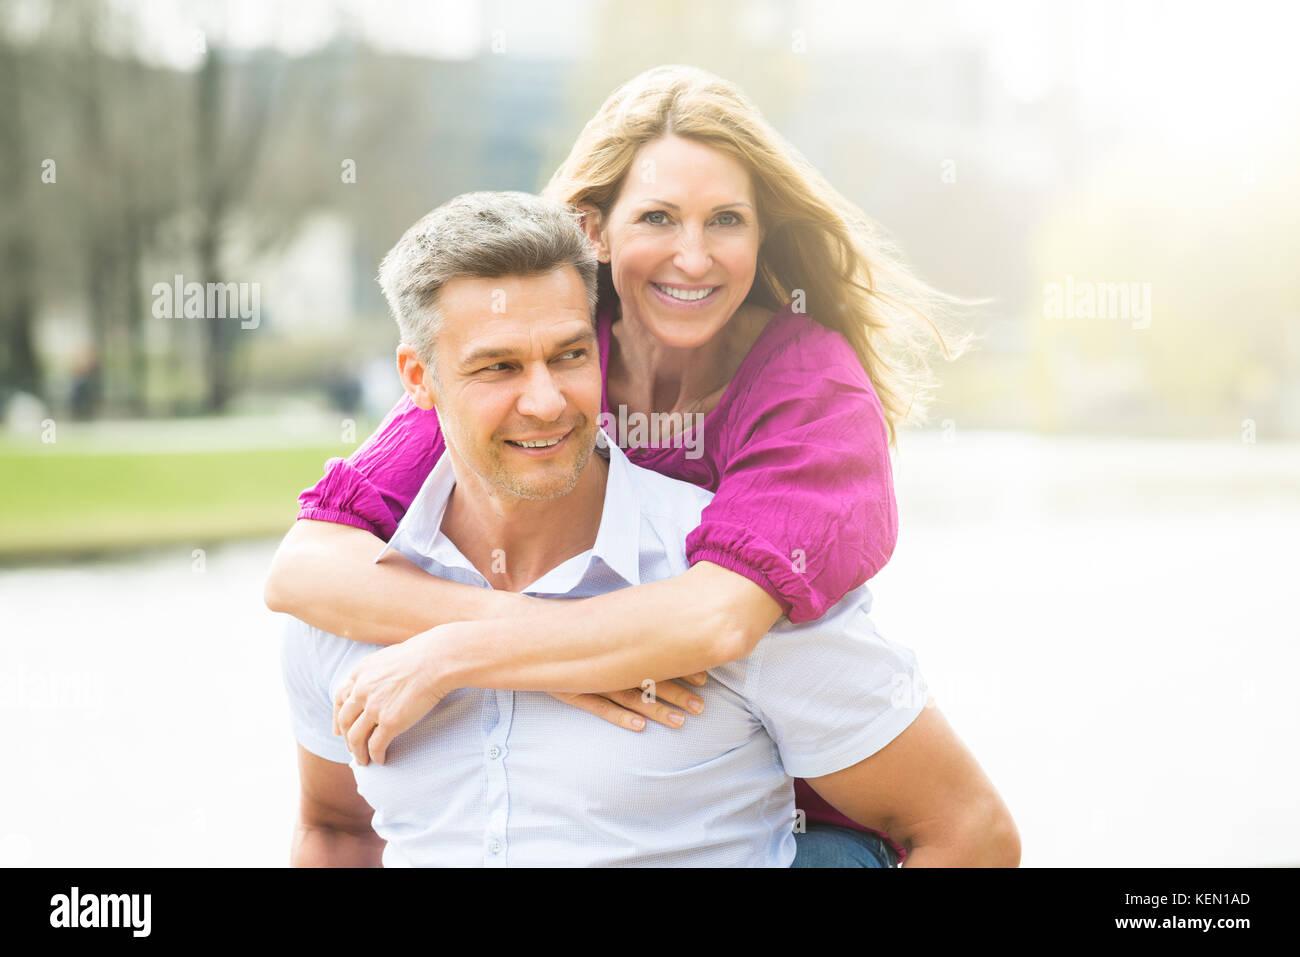 Portrait von glücklichen Mann huckepack seine Frau Stockbild